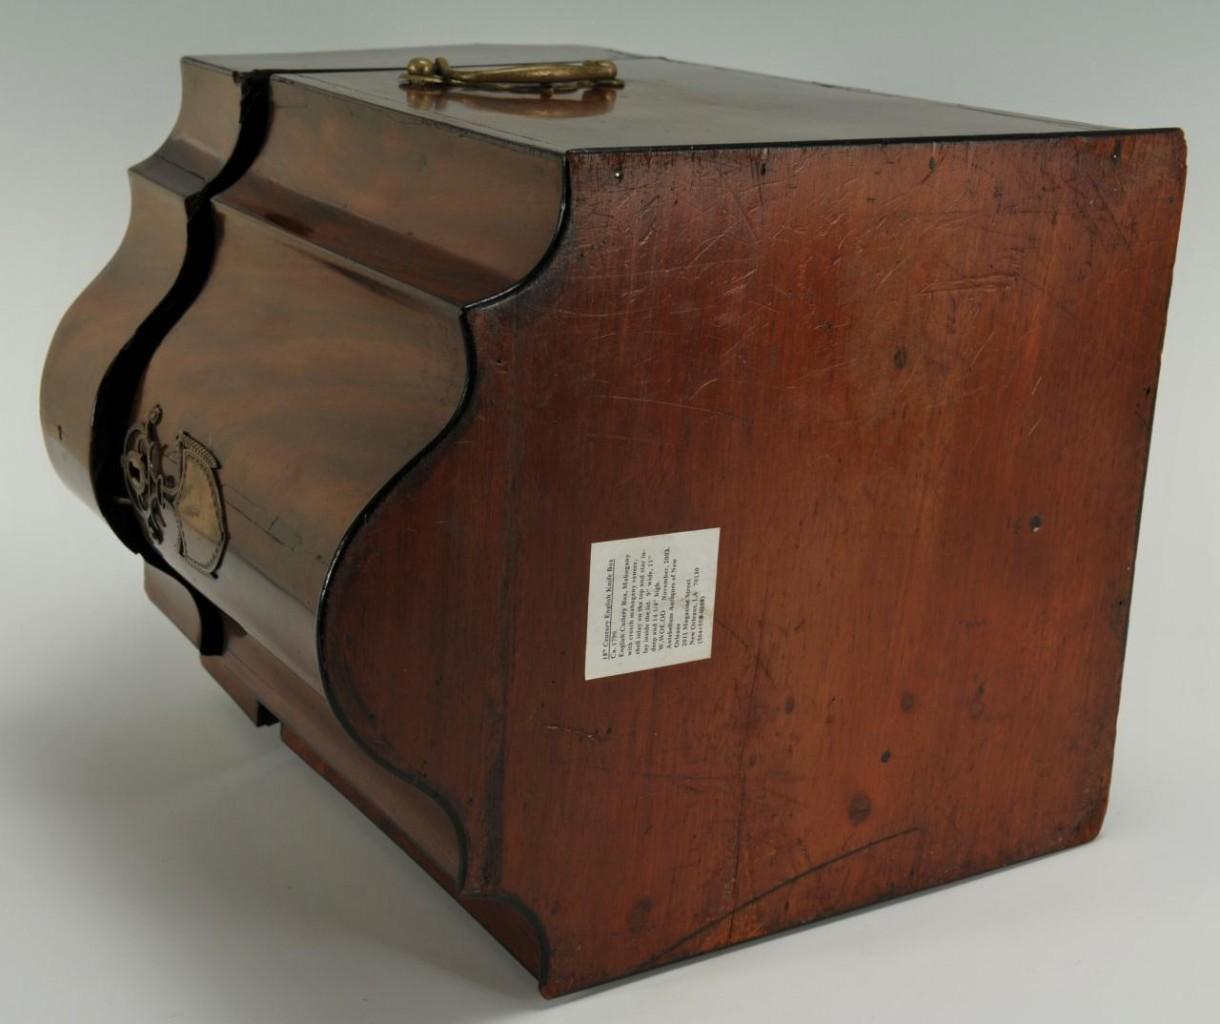 Lot 375: English Mahogany Cutlery Box